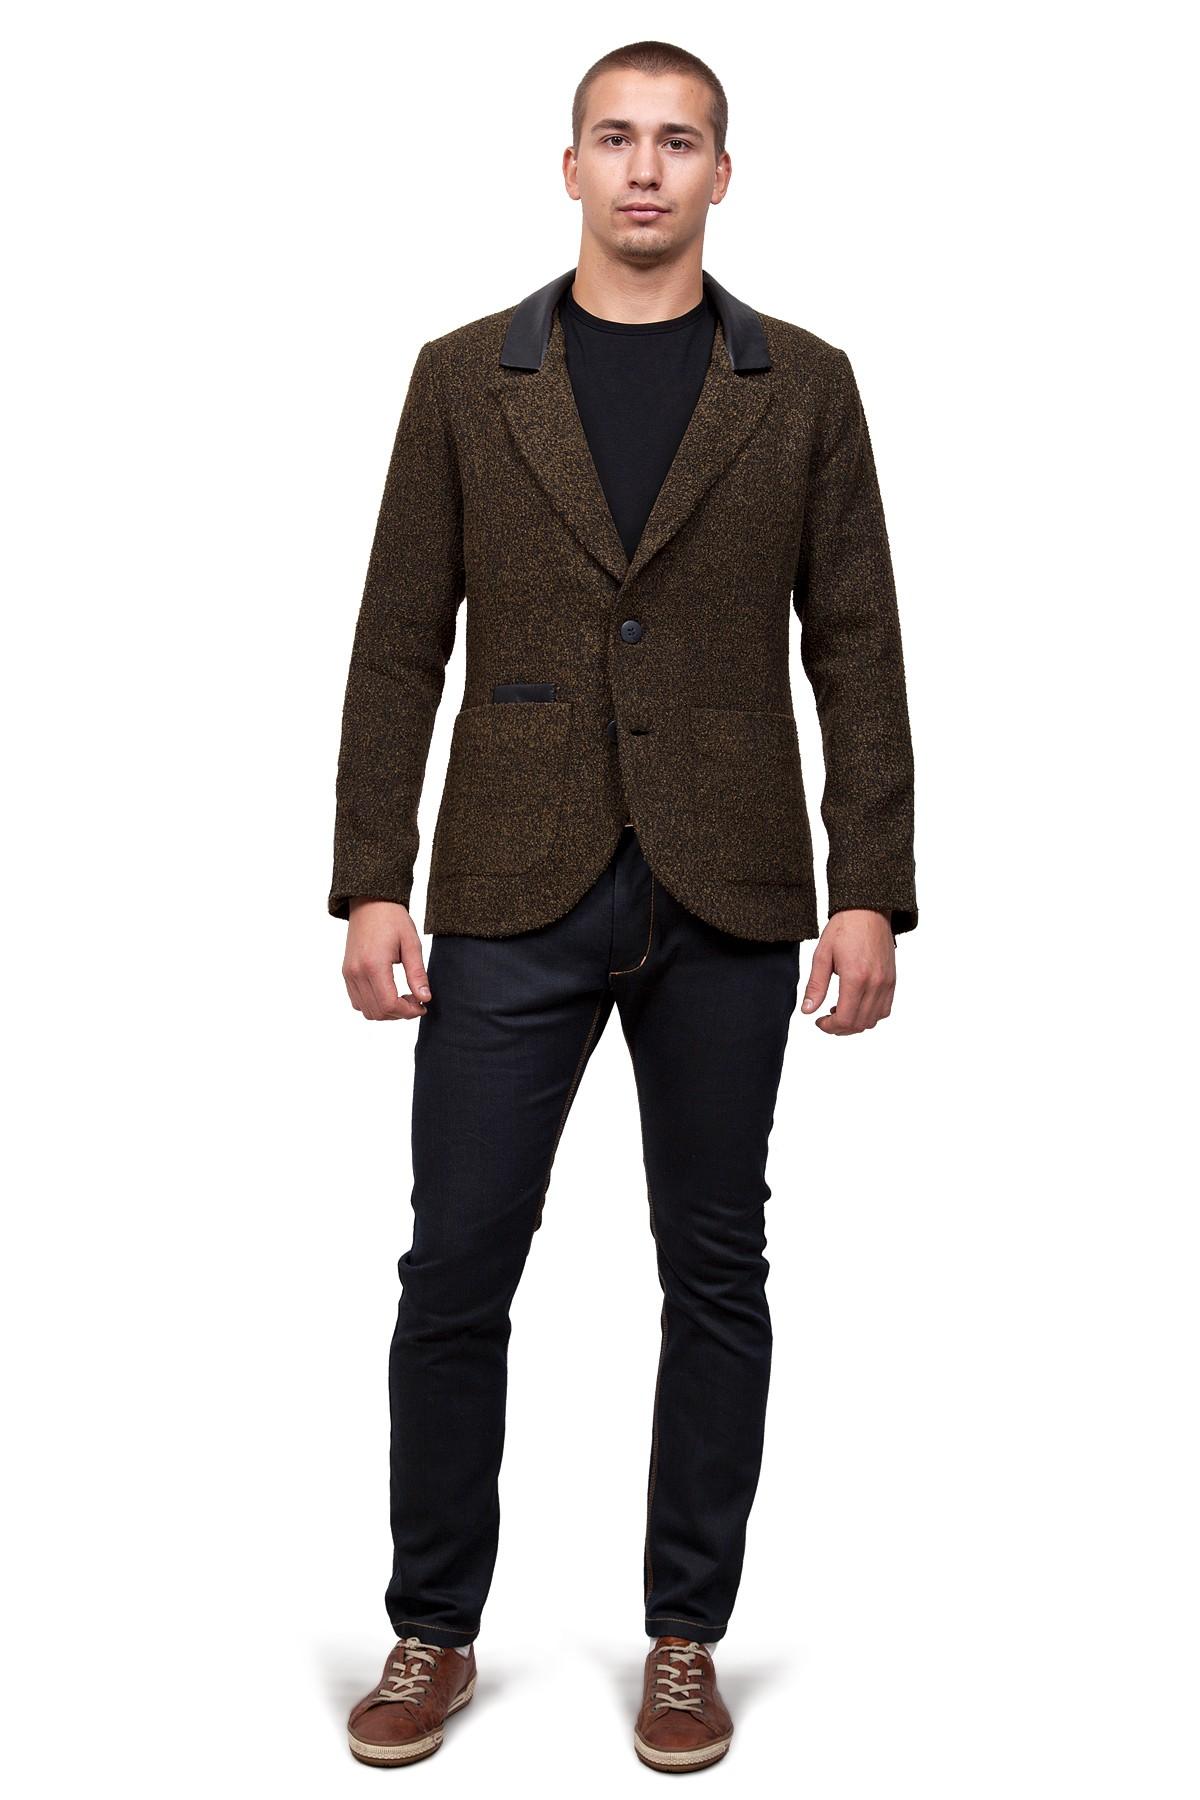 ПиджакПиджаки, жилеты<br>Этот великолепный пиджак стирает все стереотипы, и позволят примерить на себя новый яркий и интересный образ. Модель приталенного покроя с застежкой на пуговицы и накладными карманами. Особенность данной  модели – это комфортный материал букле и отделка и<br><br>Цвет: хаки, черный<br>Состав: ткань-30%шерсть, 30%полиэстер, 30%акрил, 10%полиамид, подкладка -54%полиэстер, 46%вискоза<br>Размер: 48,50,54,60<br>Страна дизайна: Россия<br>Страна производства: Россия